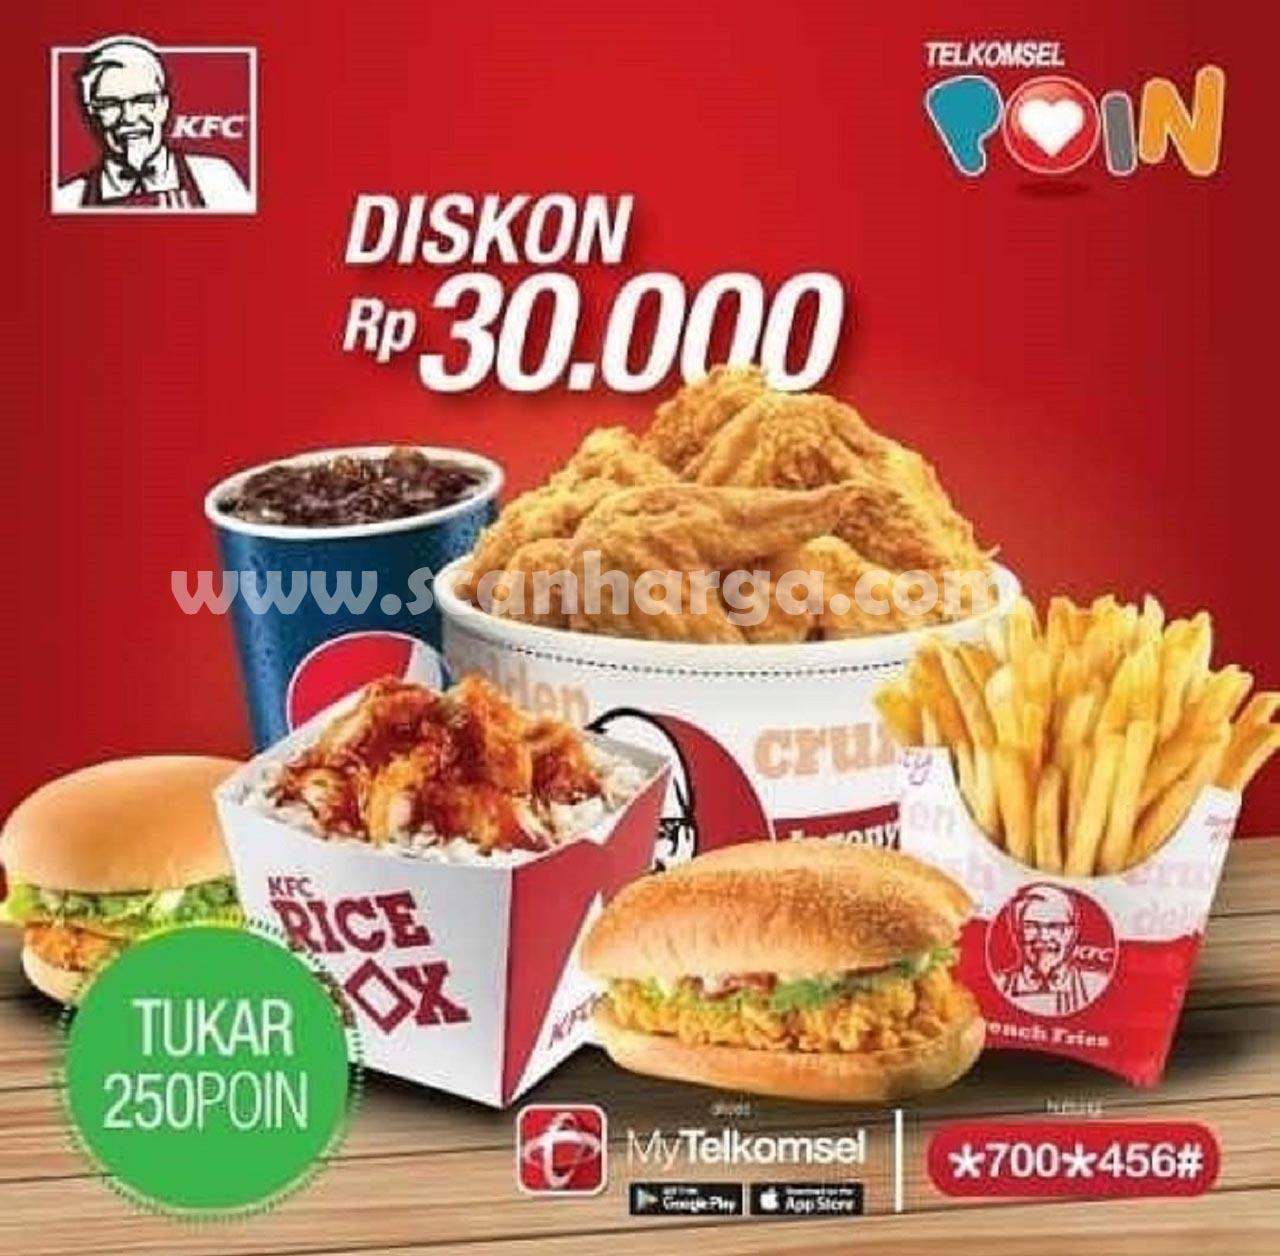 KFC Promo Tukar Poin Telkomsel Dengan Voucher Diskon Rp 30.000*